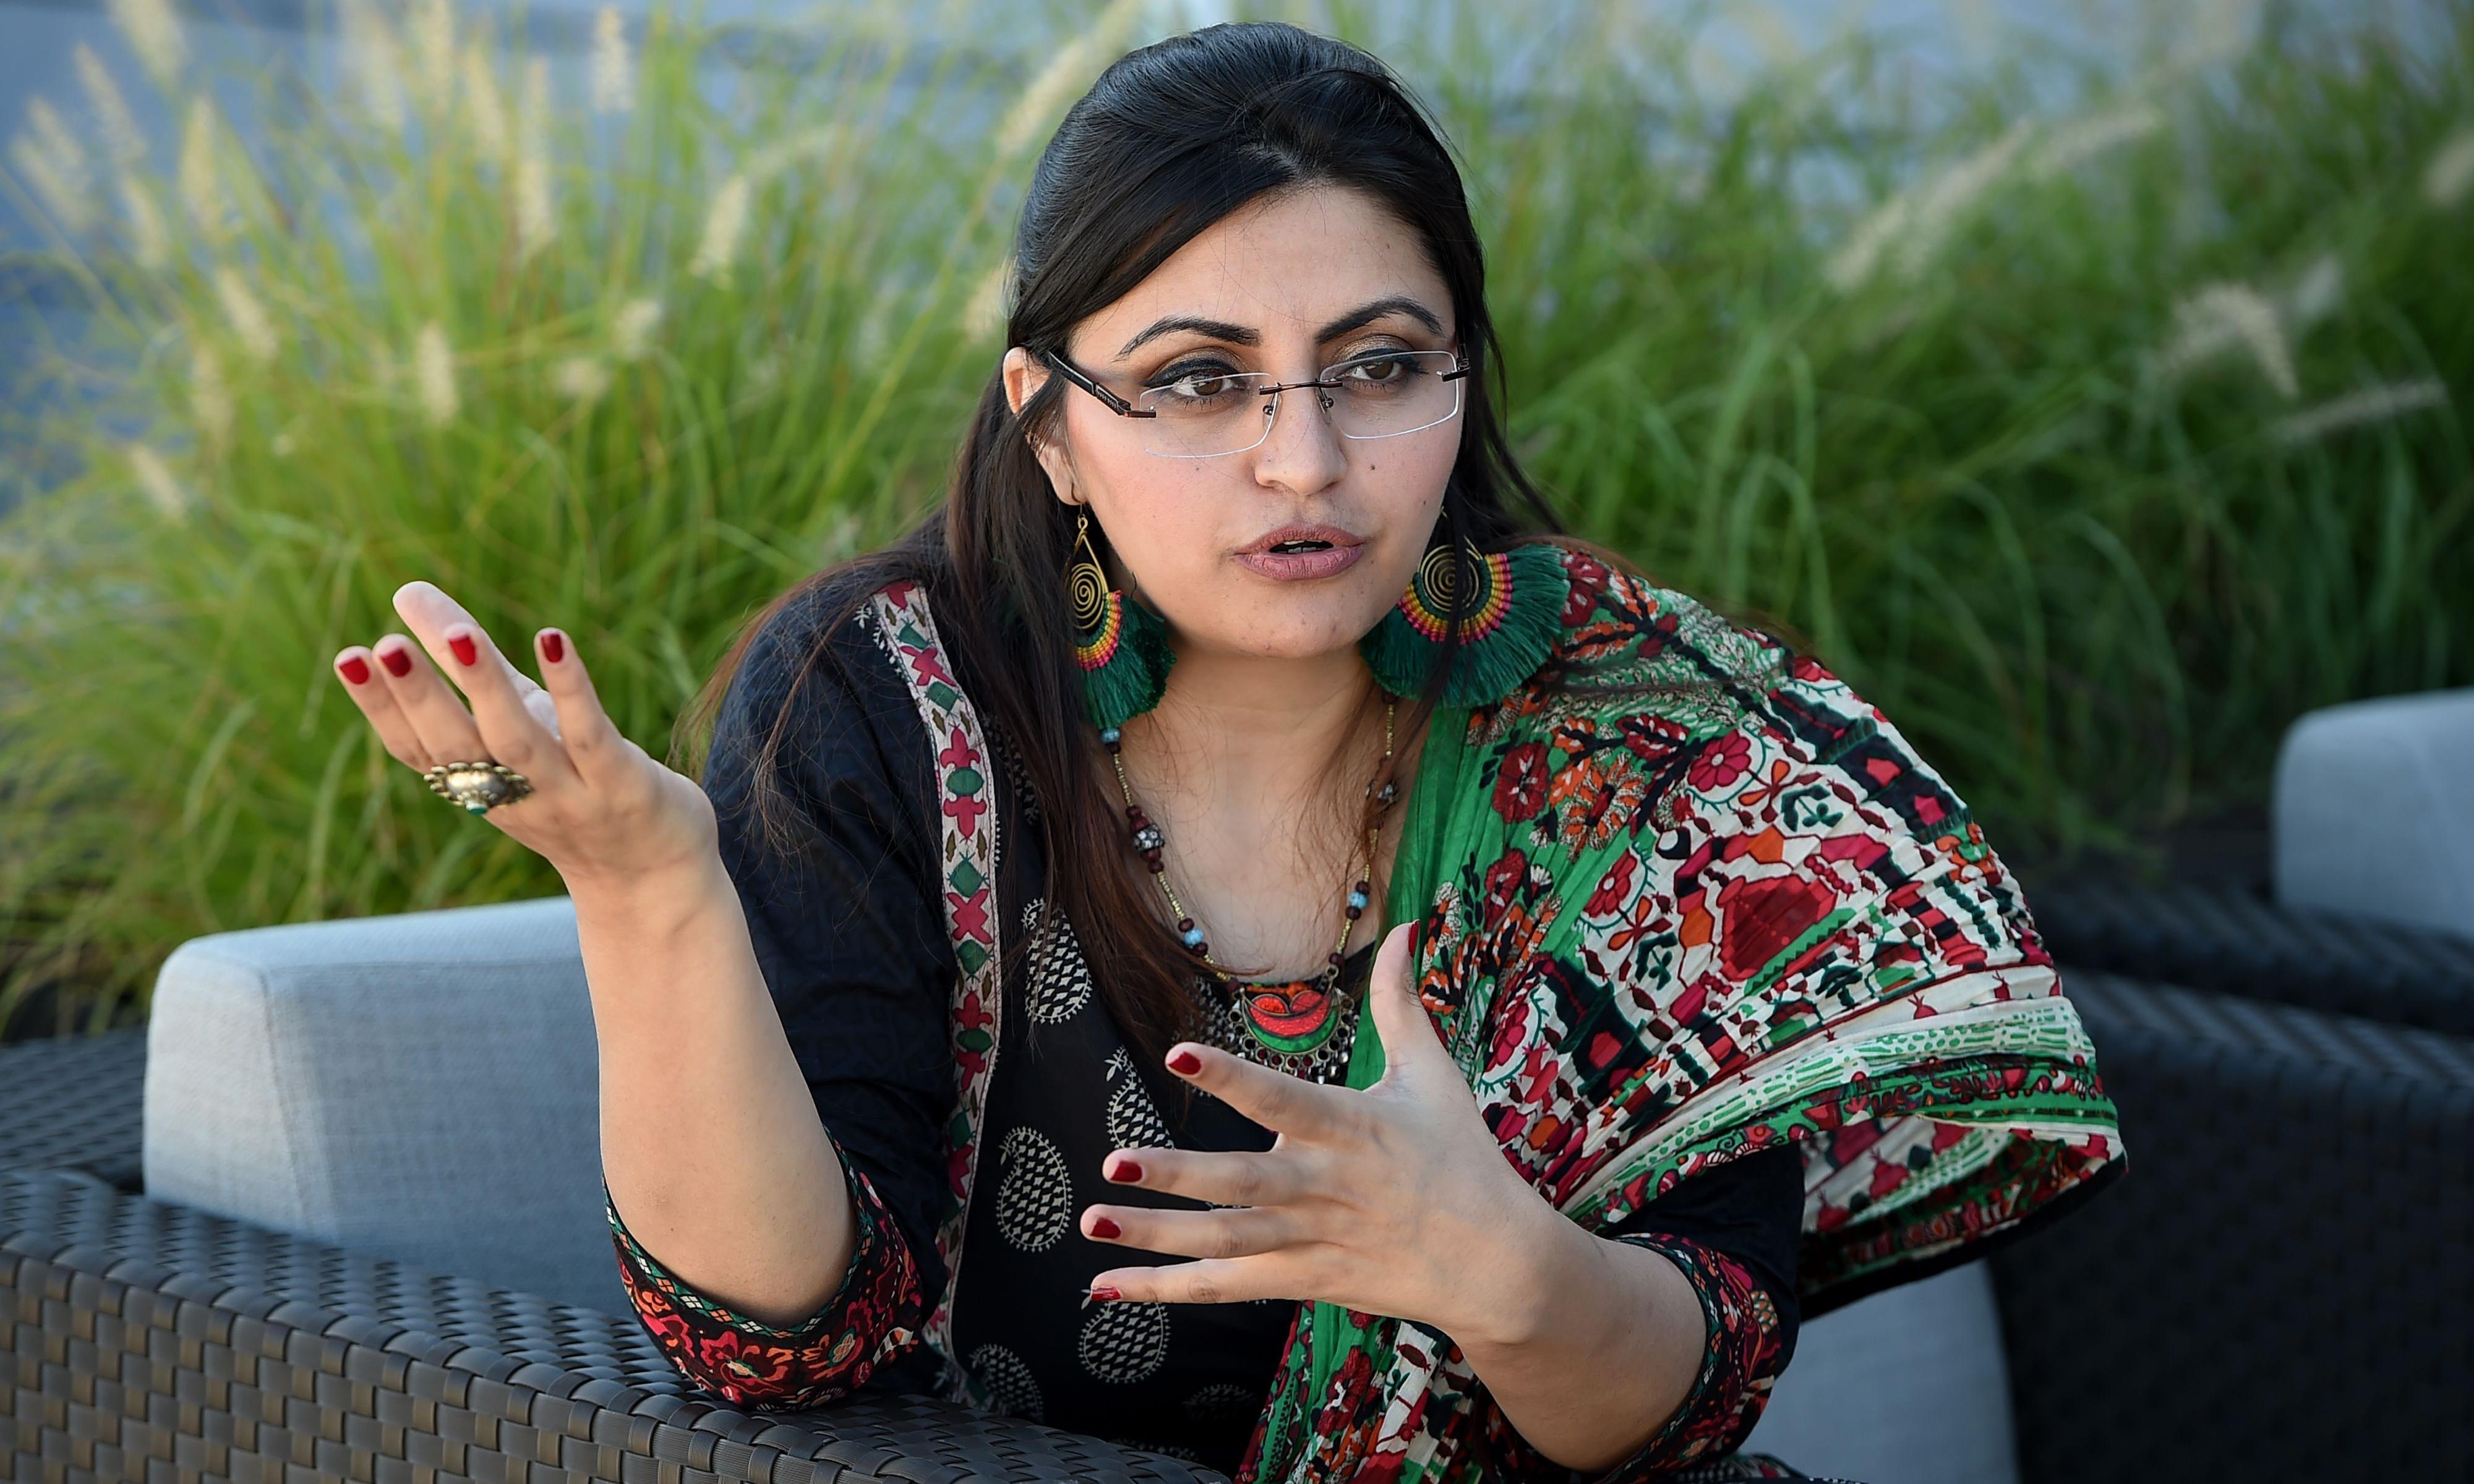 Pakistani women's rights activist flees to US